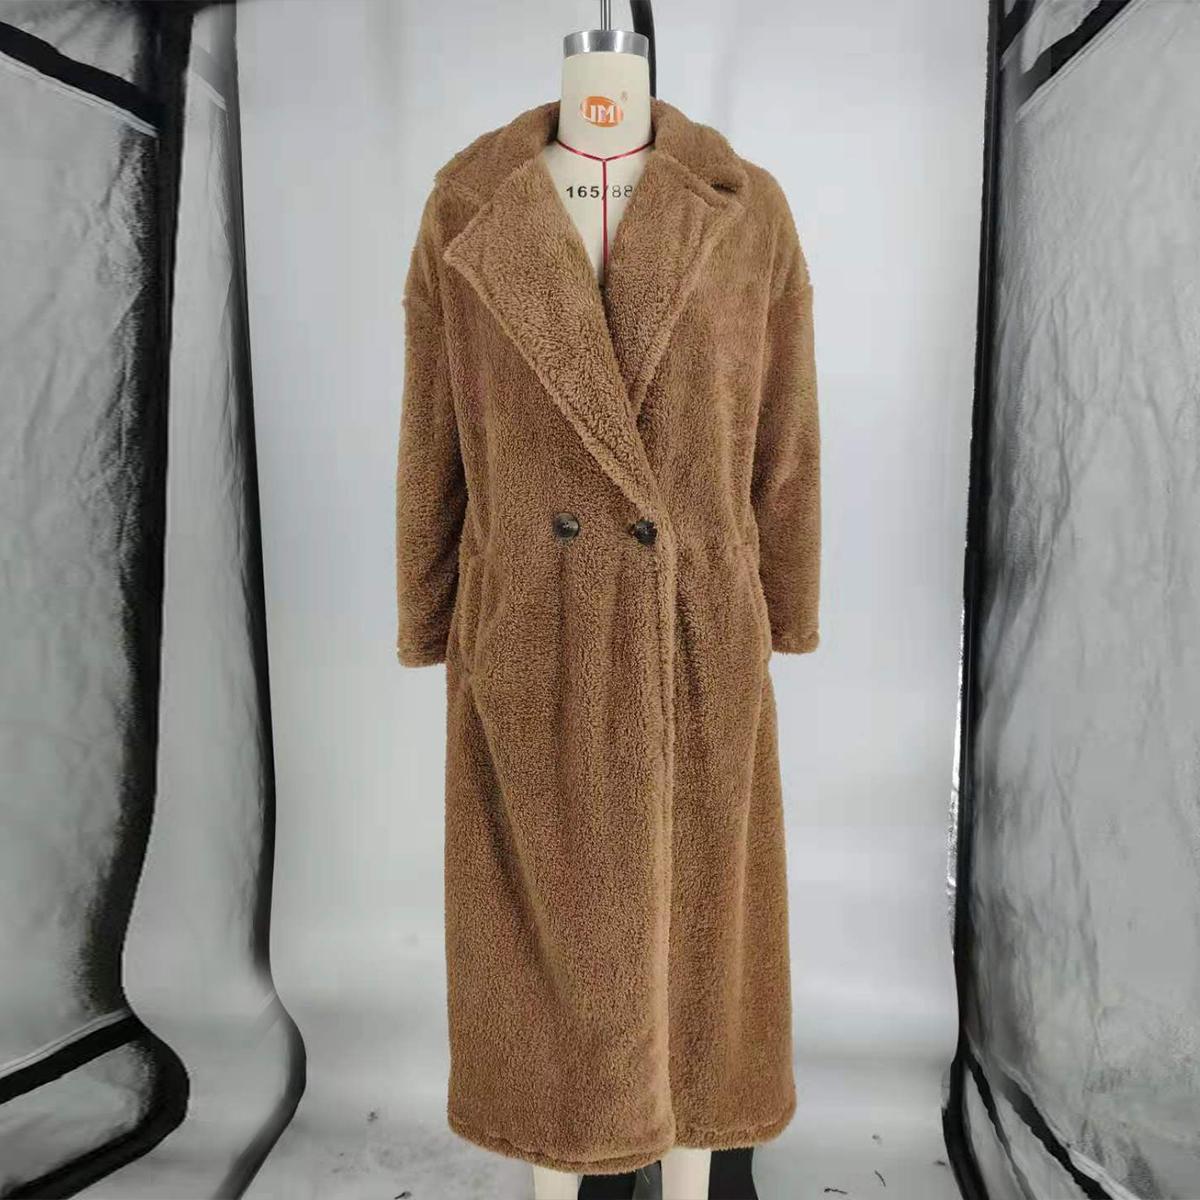 Women-Winter-Warm-Teddy-Bear-Fleece-Coat-Fluffy-Jacket-Cardigan-Overcoat-Outwear miniatura 18